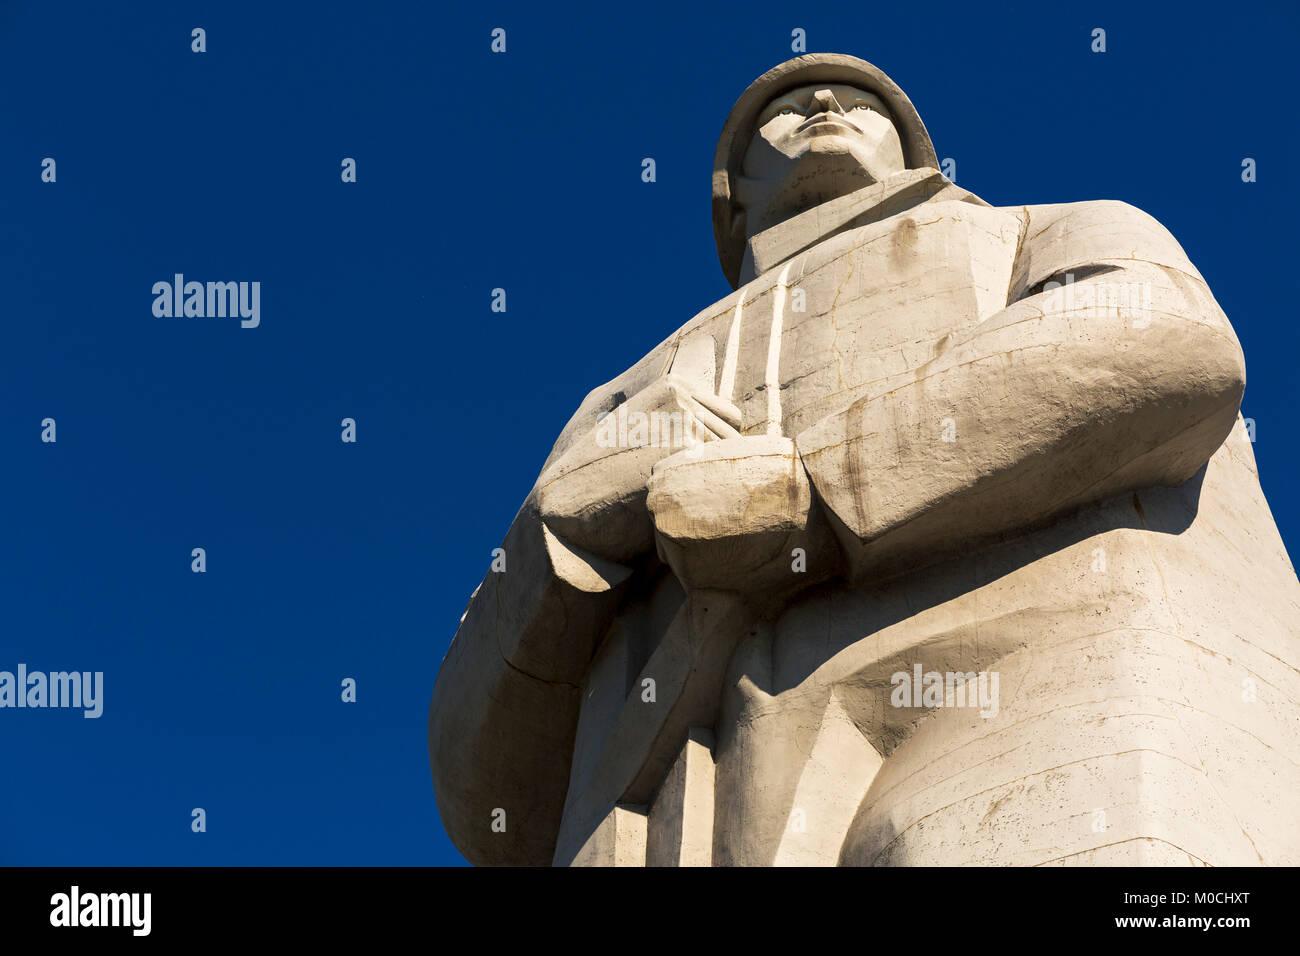 The Alyosha Memorial in Murmansk, Russia. - Stock Image